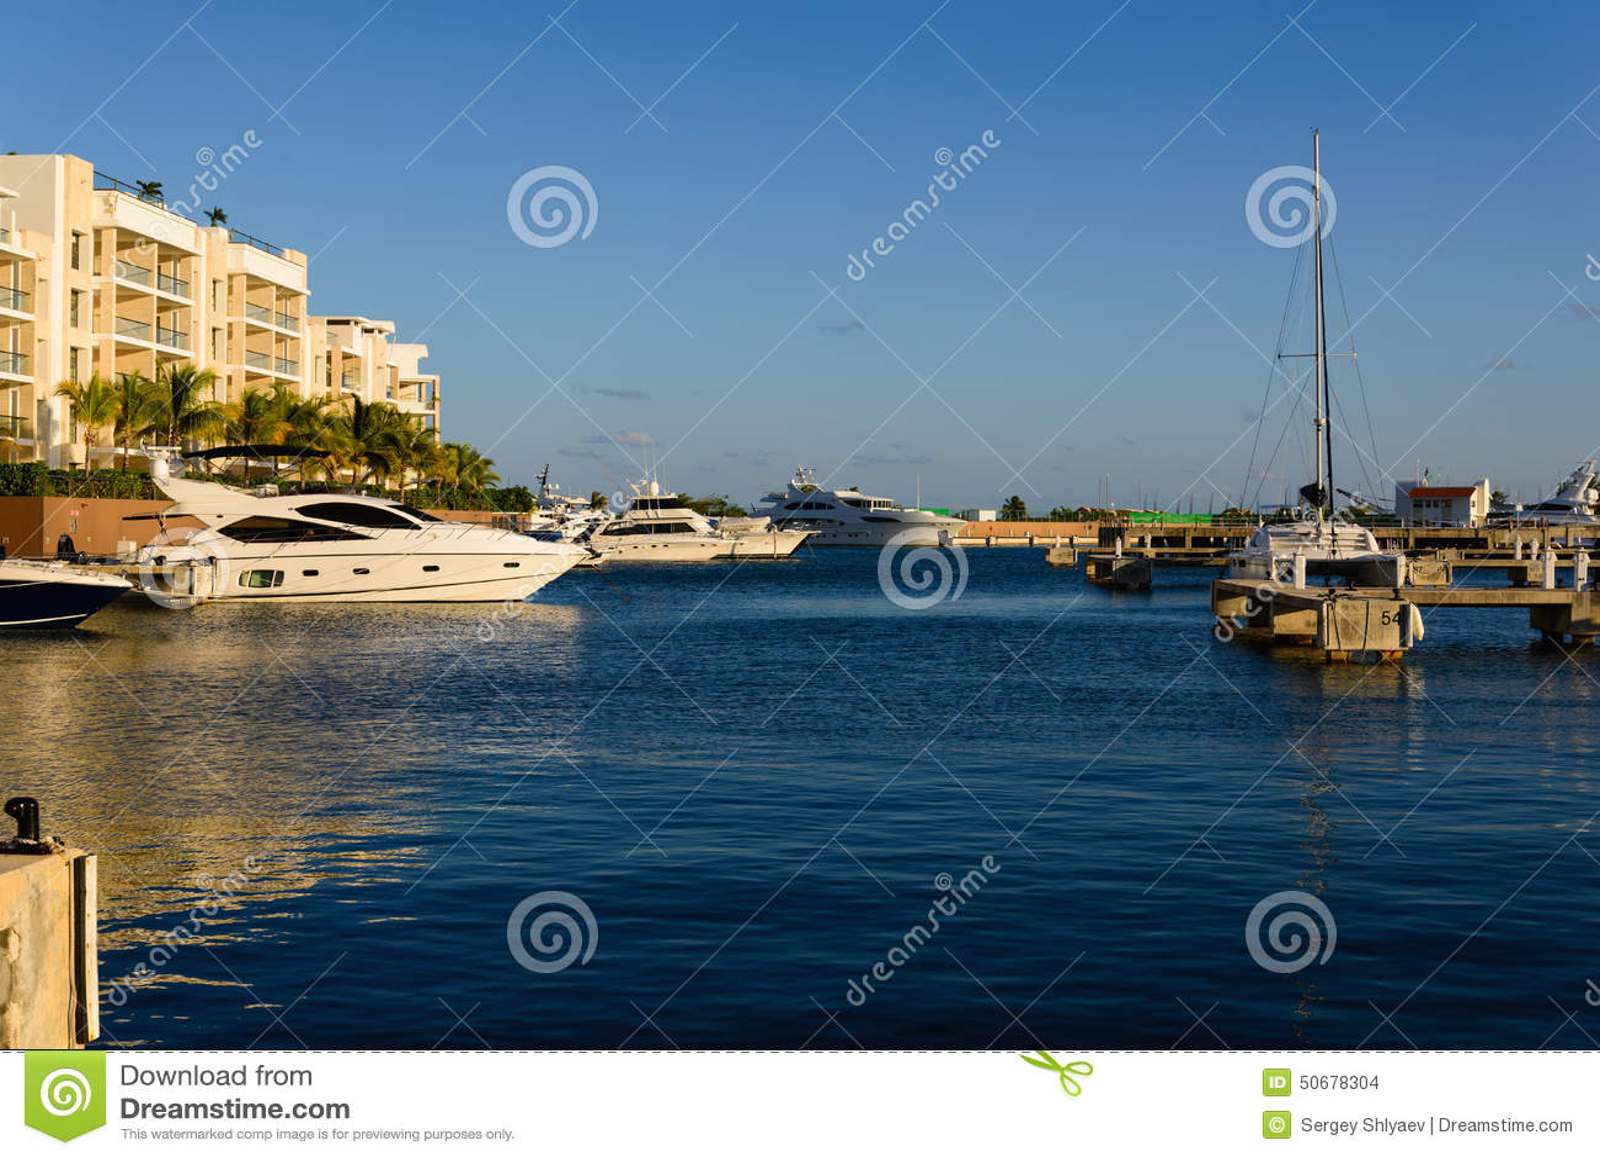 Download 豪华游艇行在小游艇船坞船坞的 库存照片. 图片 包括有 游艇, 本质, 旅行, 船舶, 户外, 马达, 气候 - 50678304